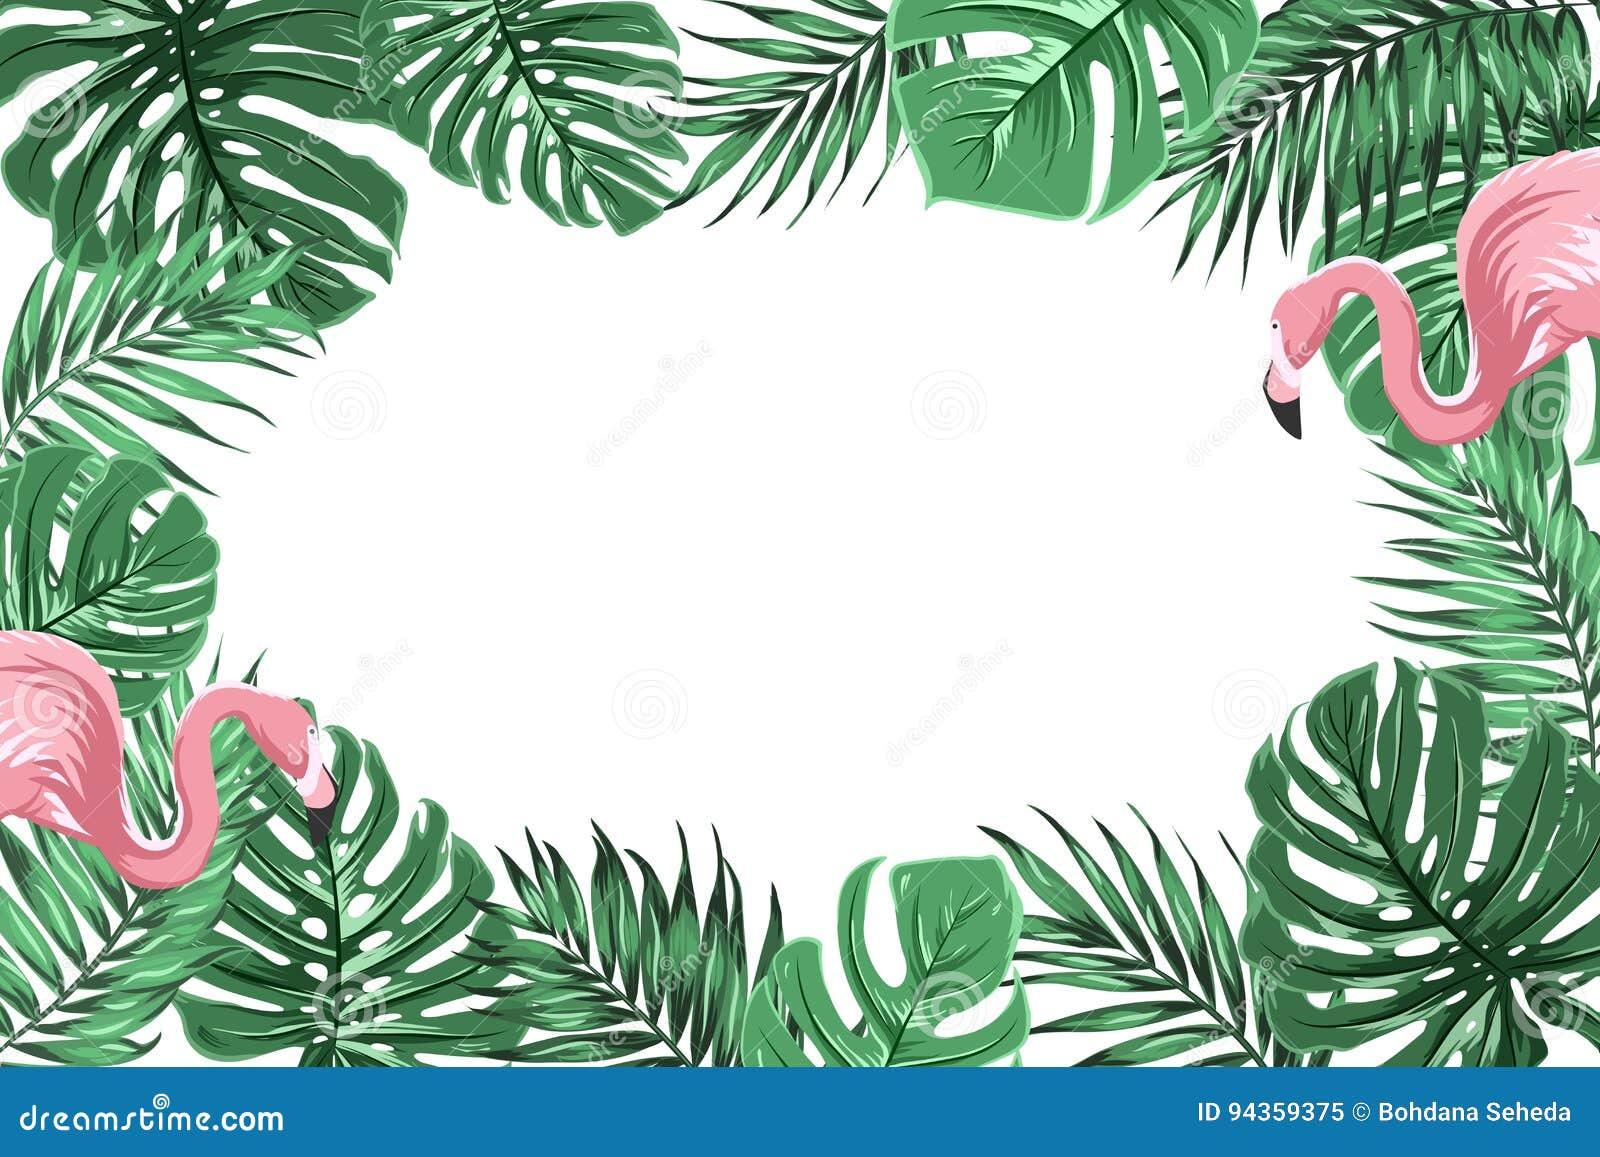 Тропическая рамка границы с джунглями выходит фламинго